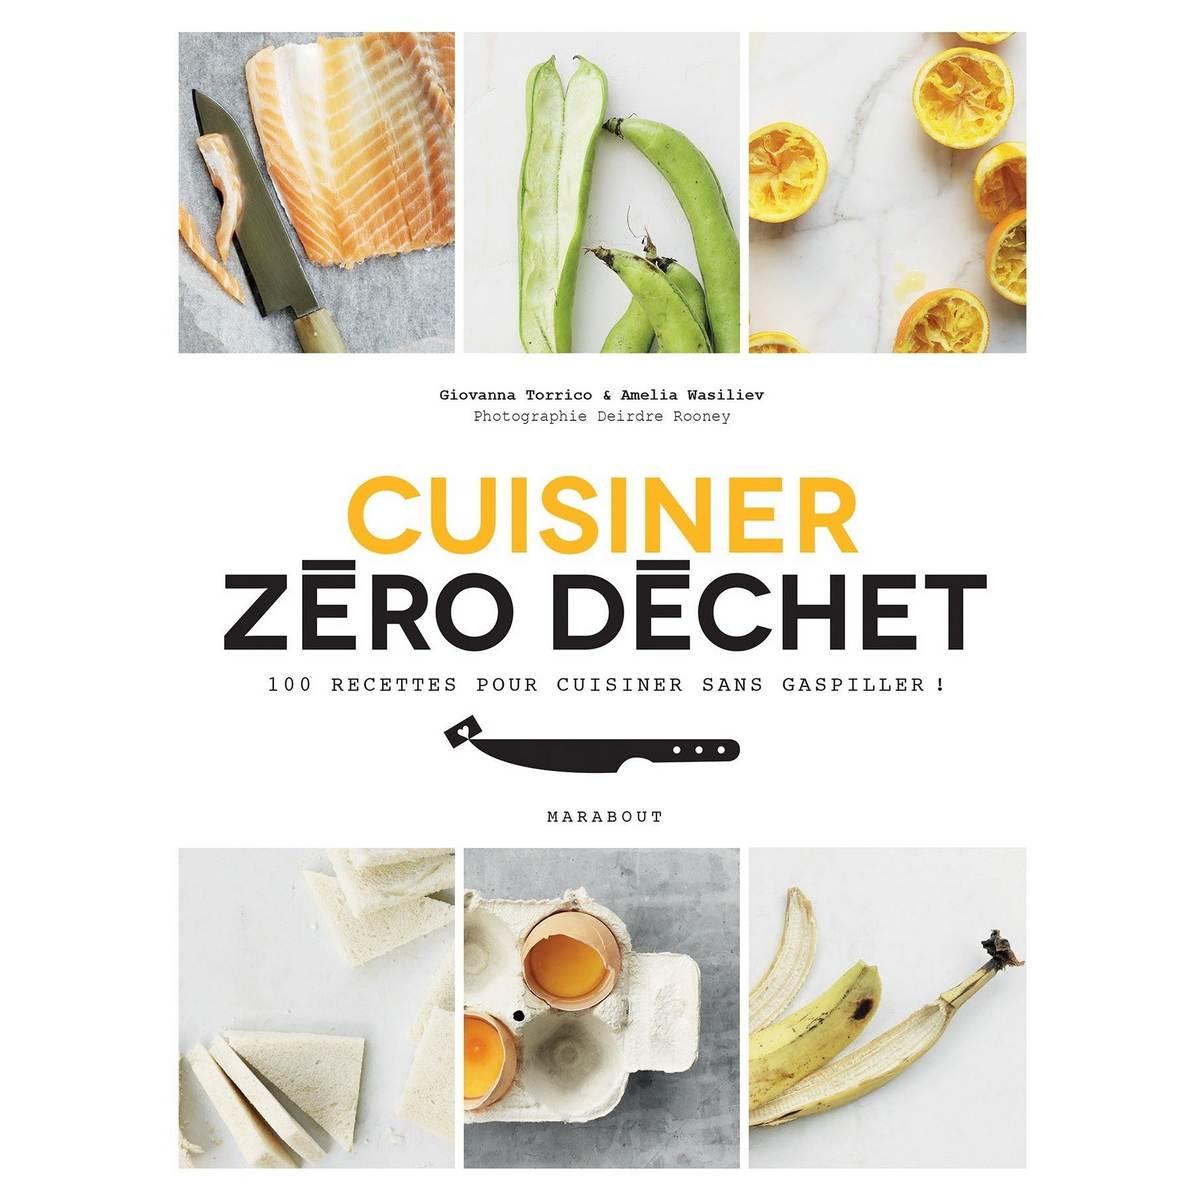 Cuisiner zéro déchet / 100 recettes pour cuisiner sans gaspiller